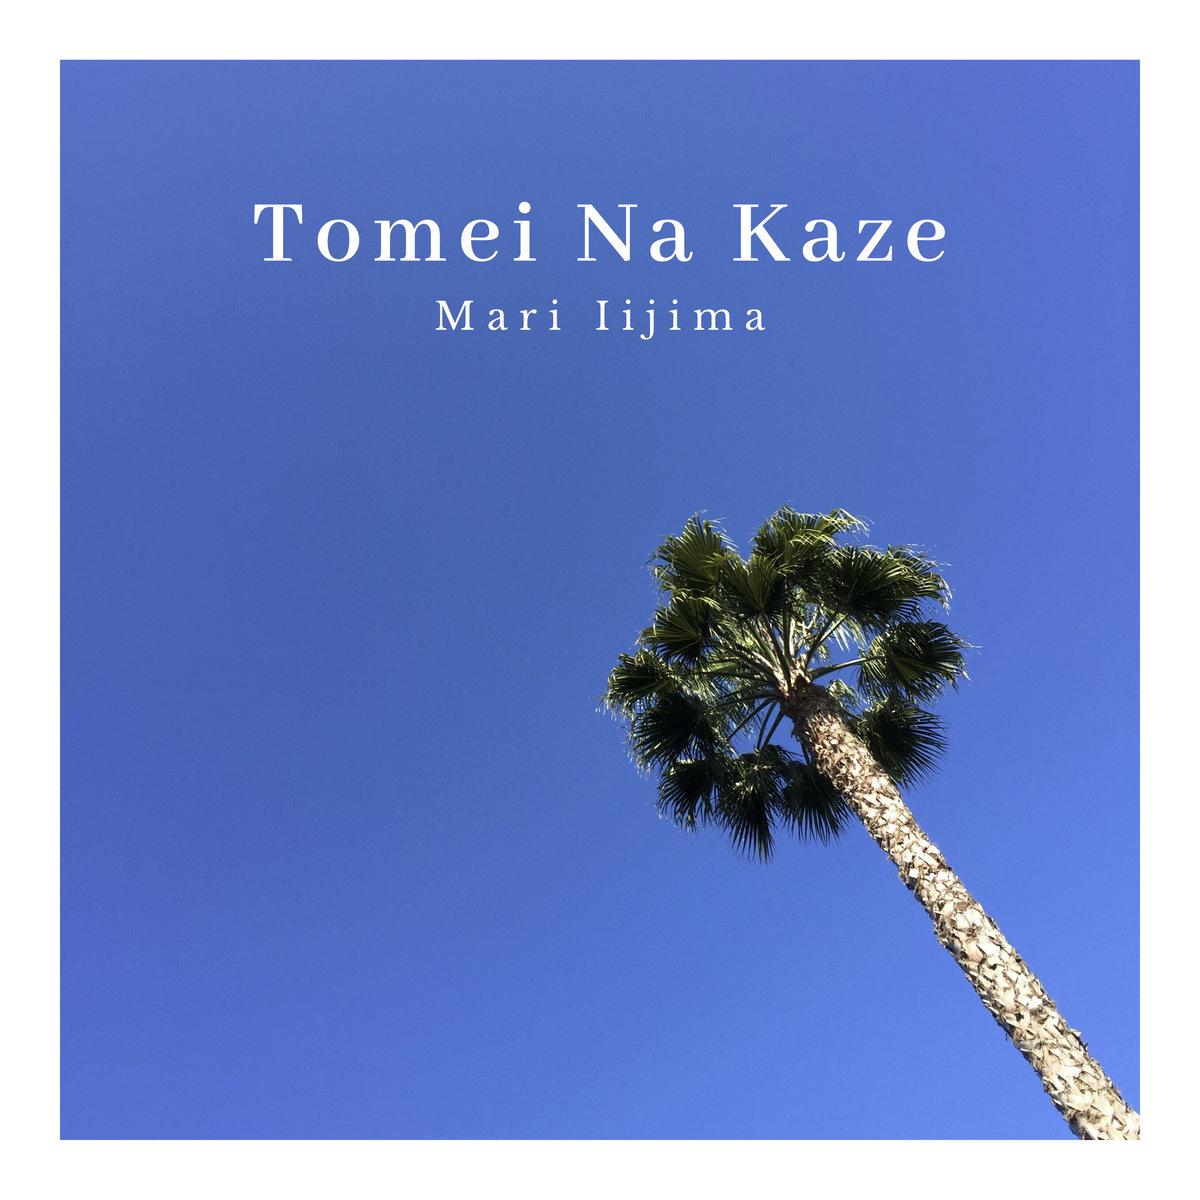 透明な風 - Tomei Na Kaze - by Mari Iijima